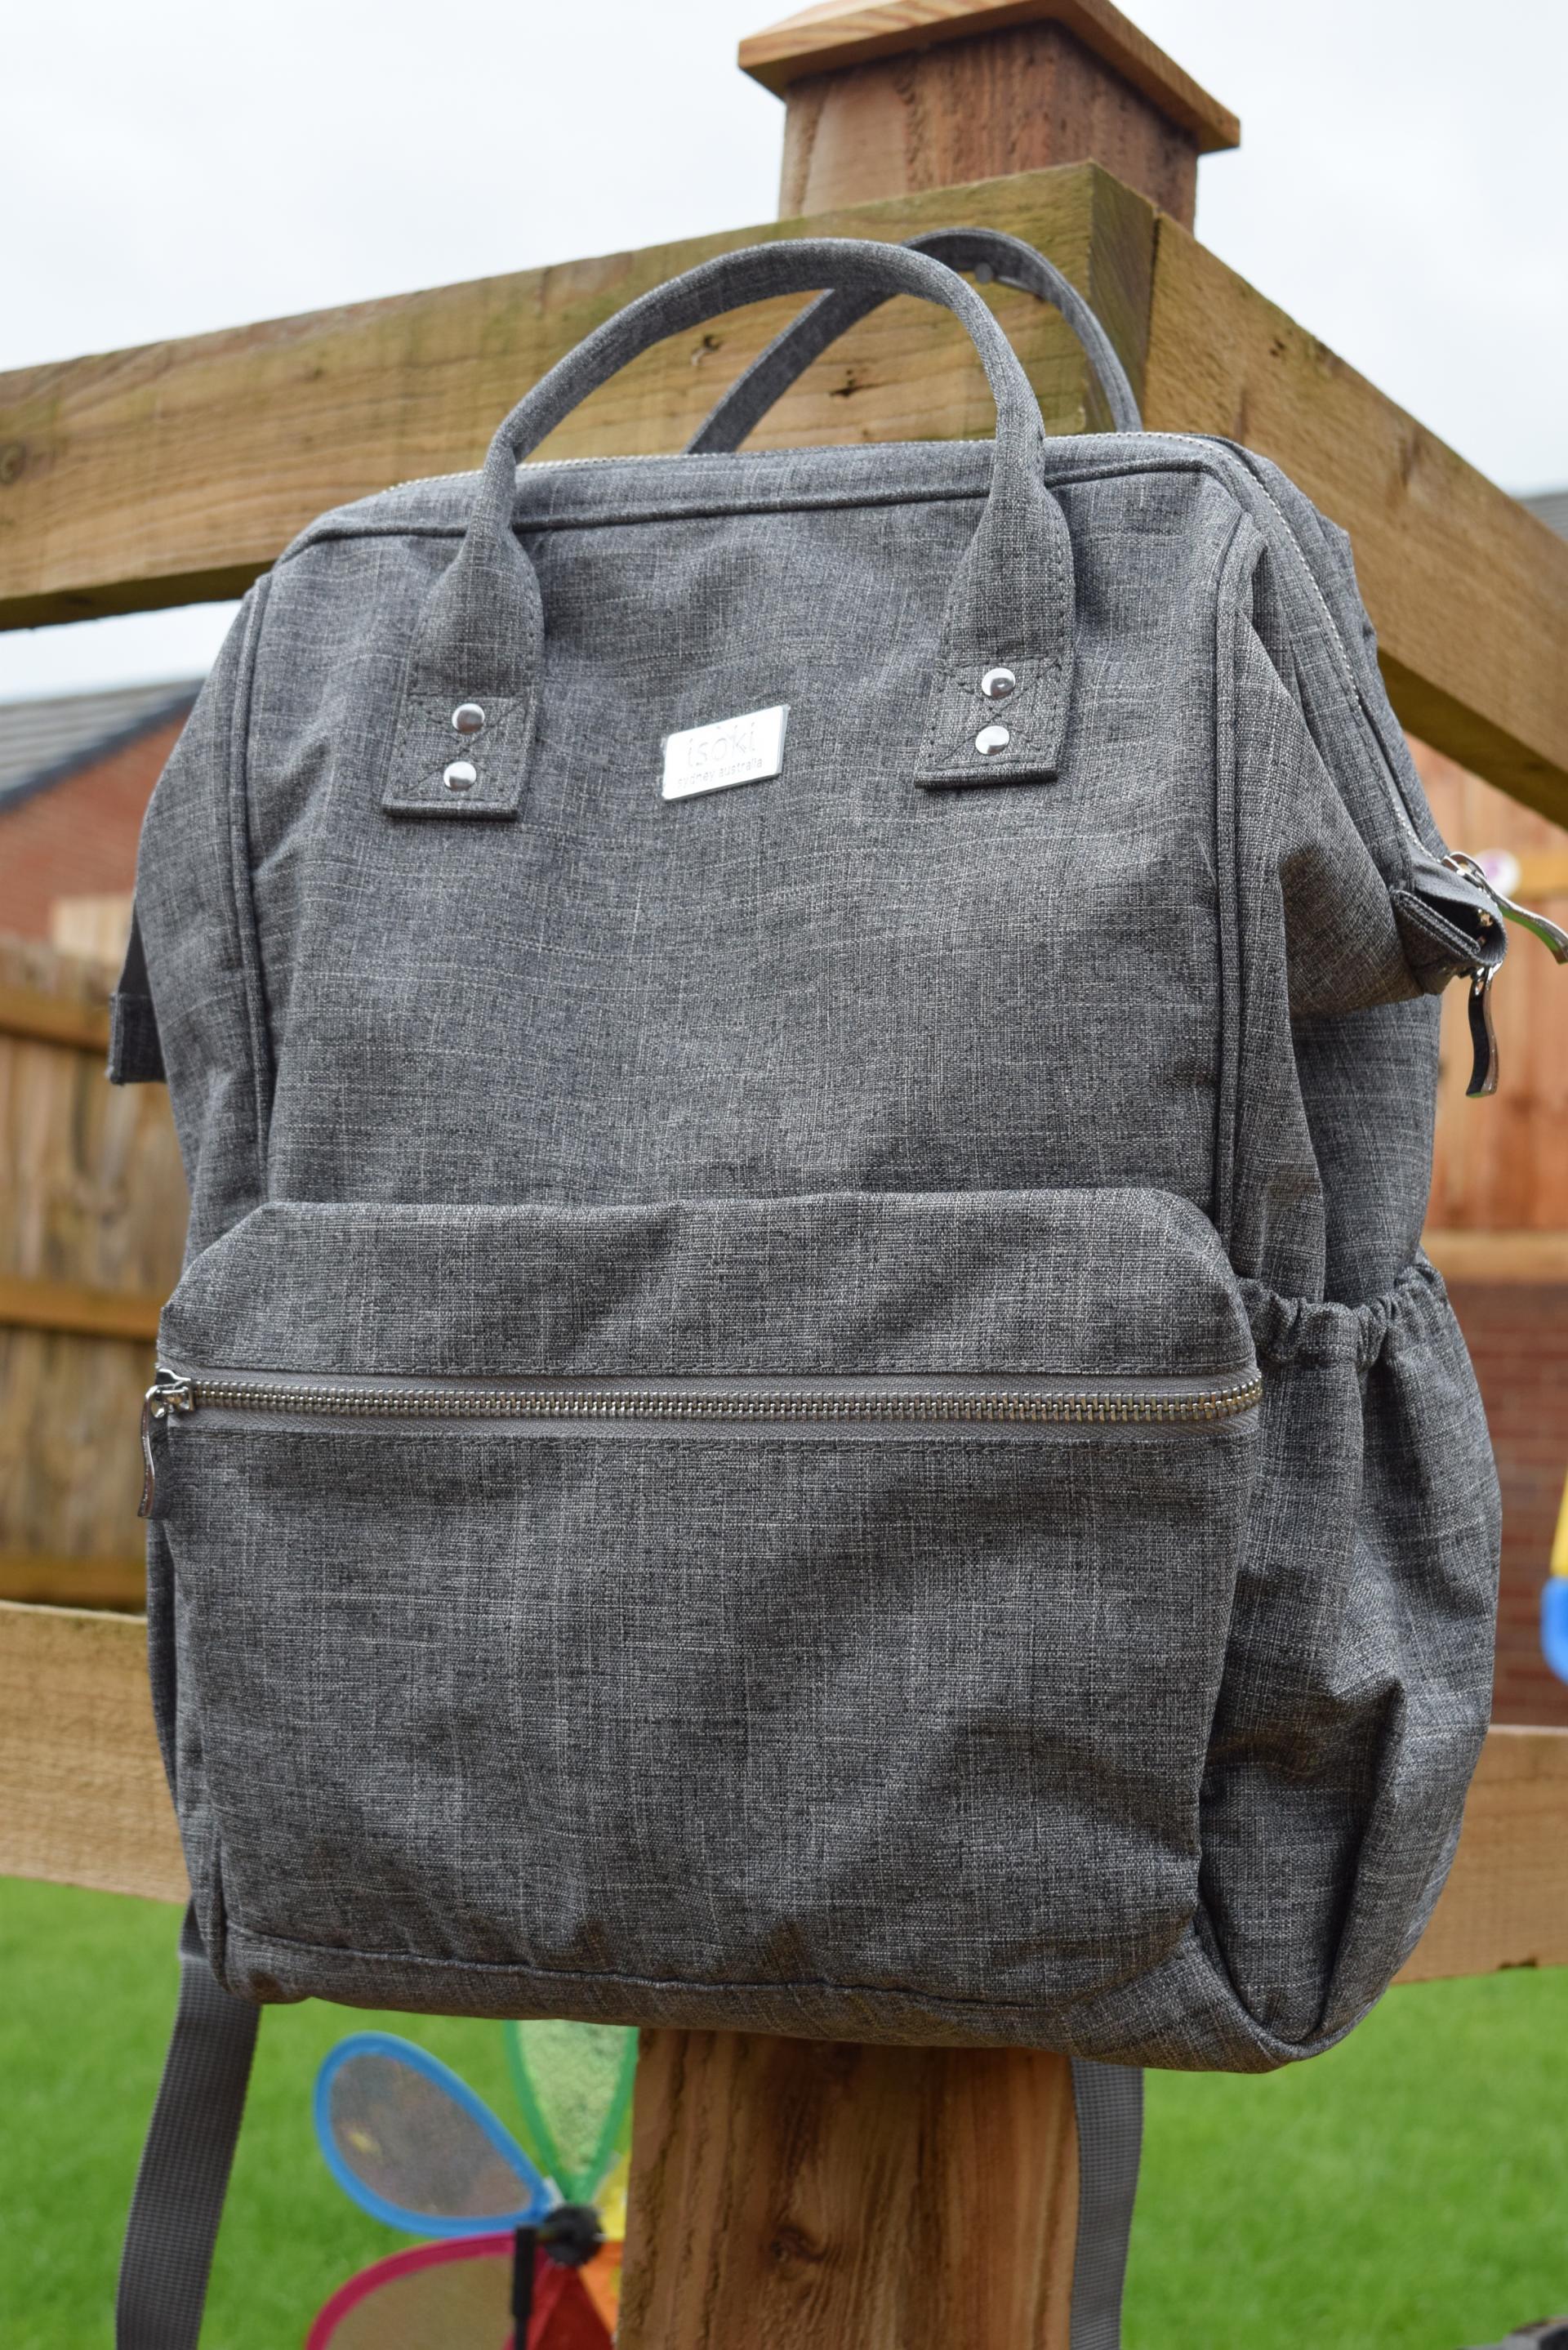 Isoki bag